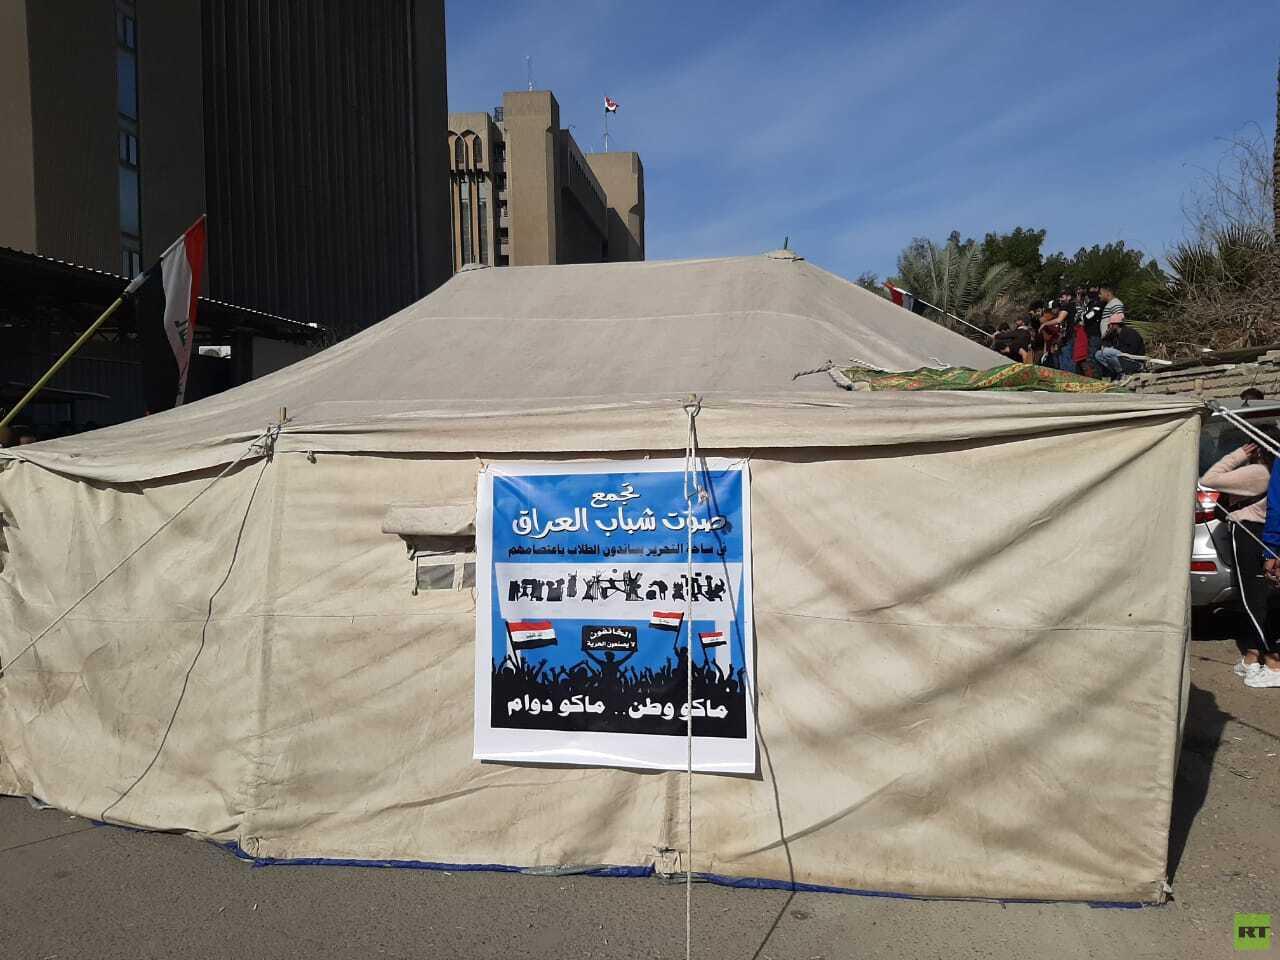 العراق.. المئات من طلبة الجامعات يعتصمون في بغداد (صور)